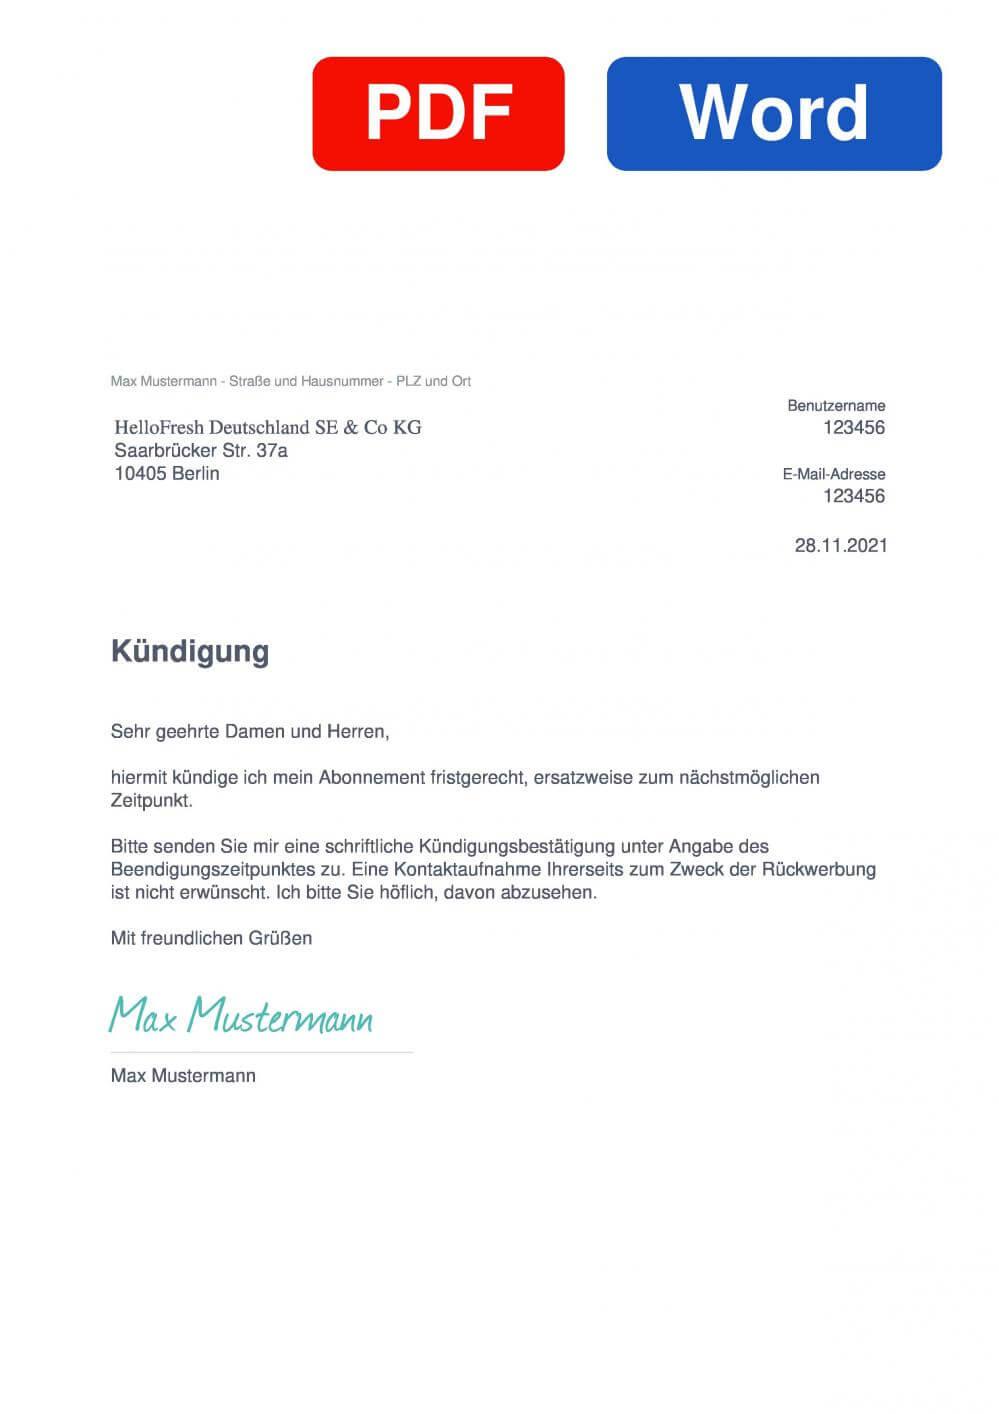 HelloFresh Muster Vorlage für Kündigungsschreiben